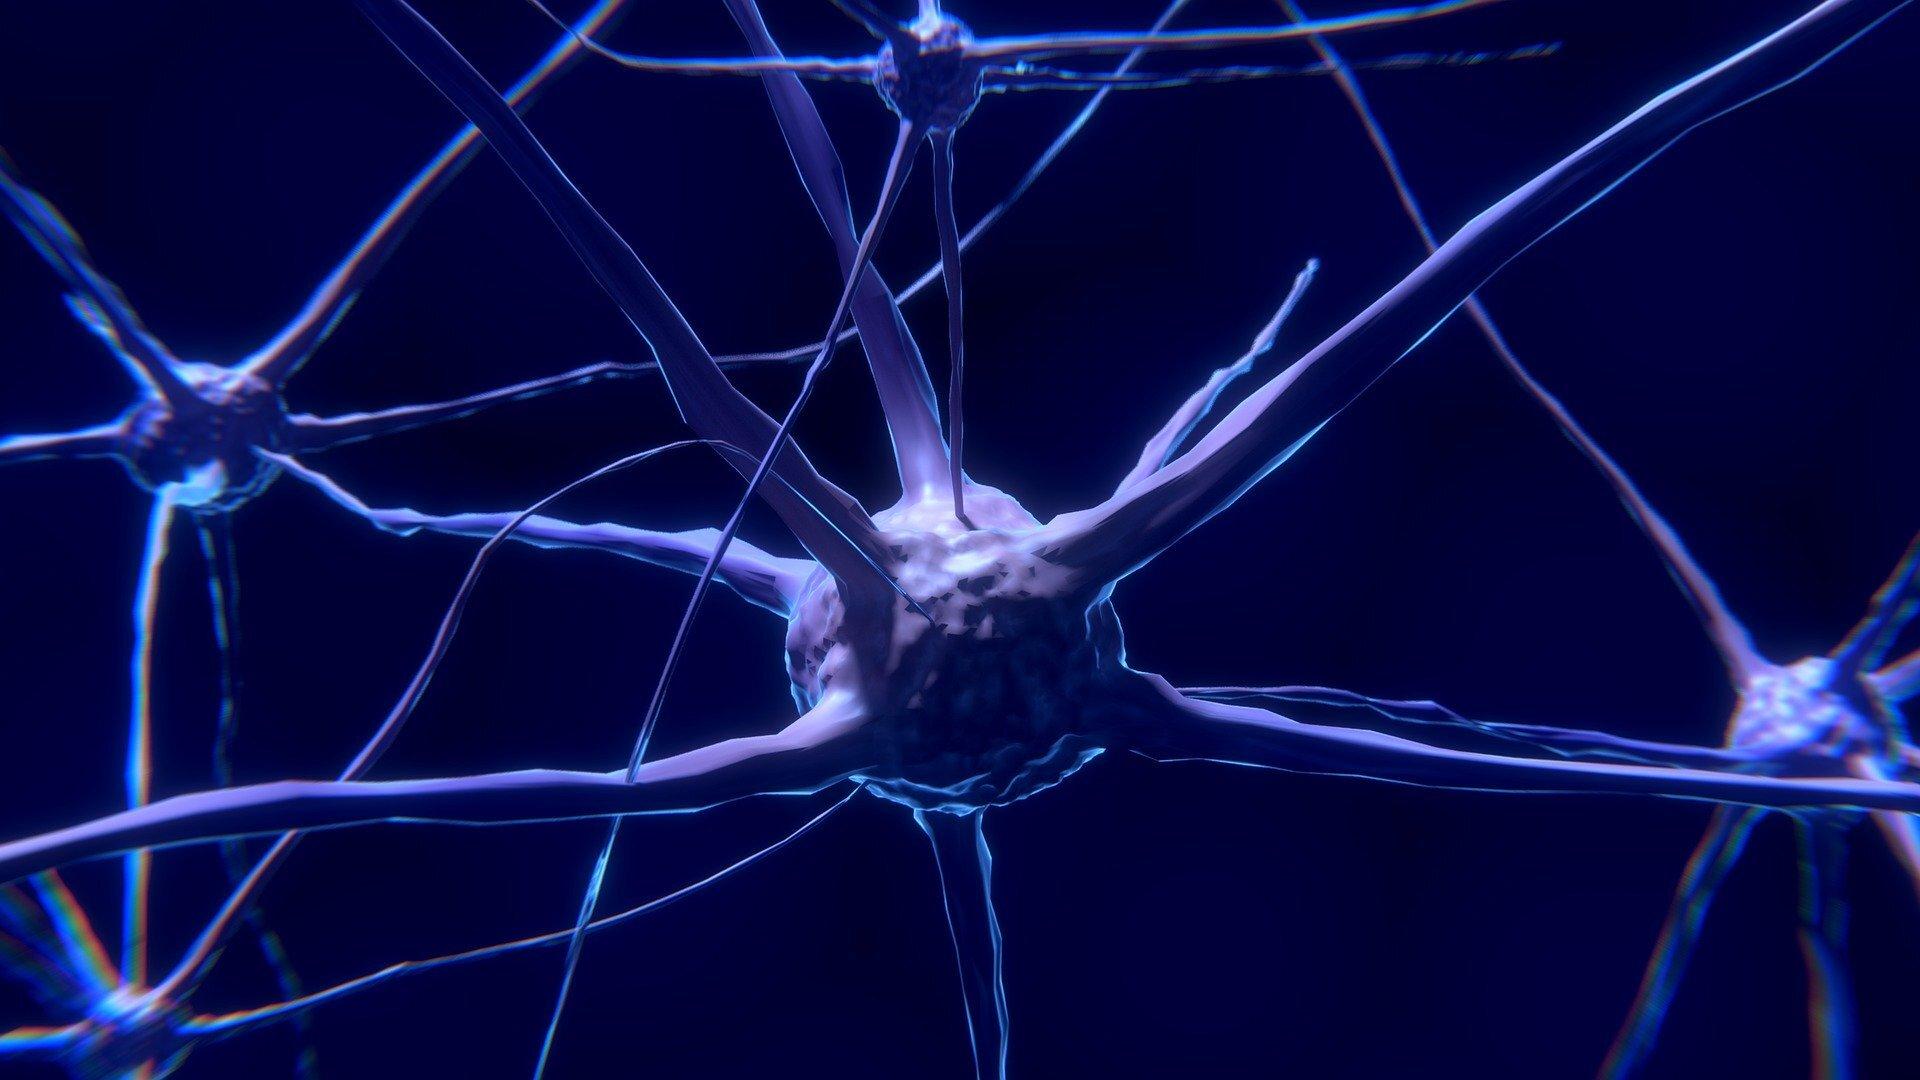 Gehirn-Lärm enthält eine einzigartige Signatur des Traum-Schlaf